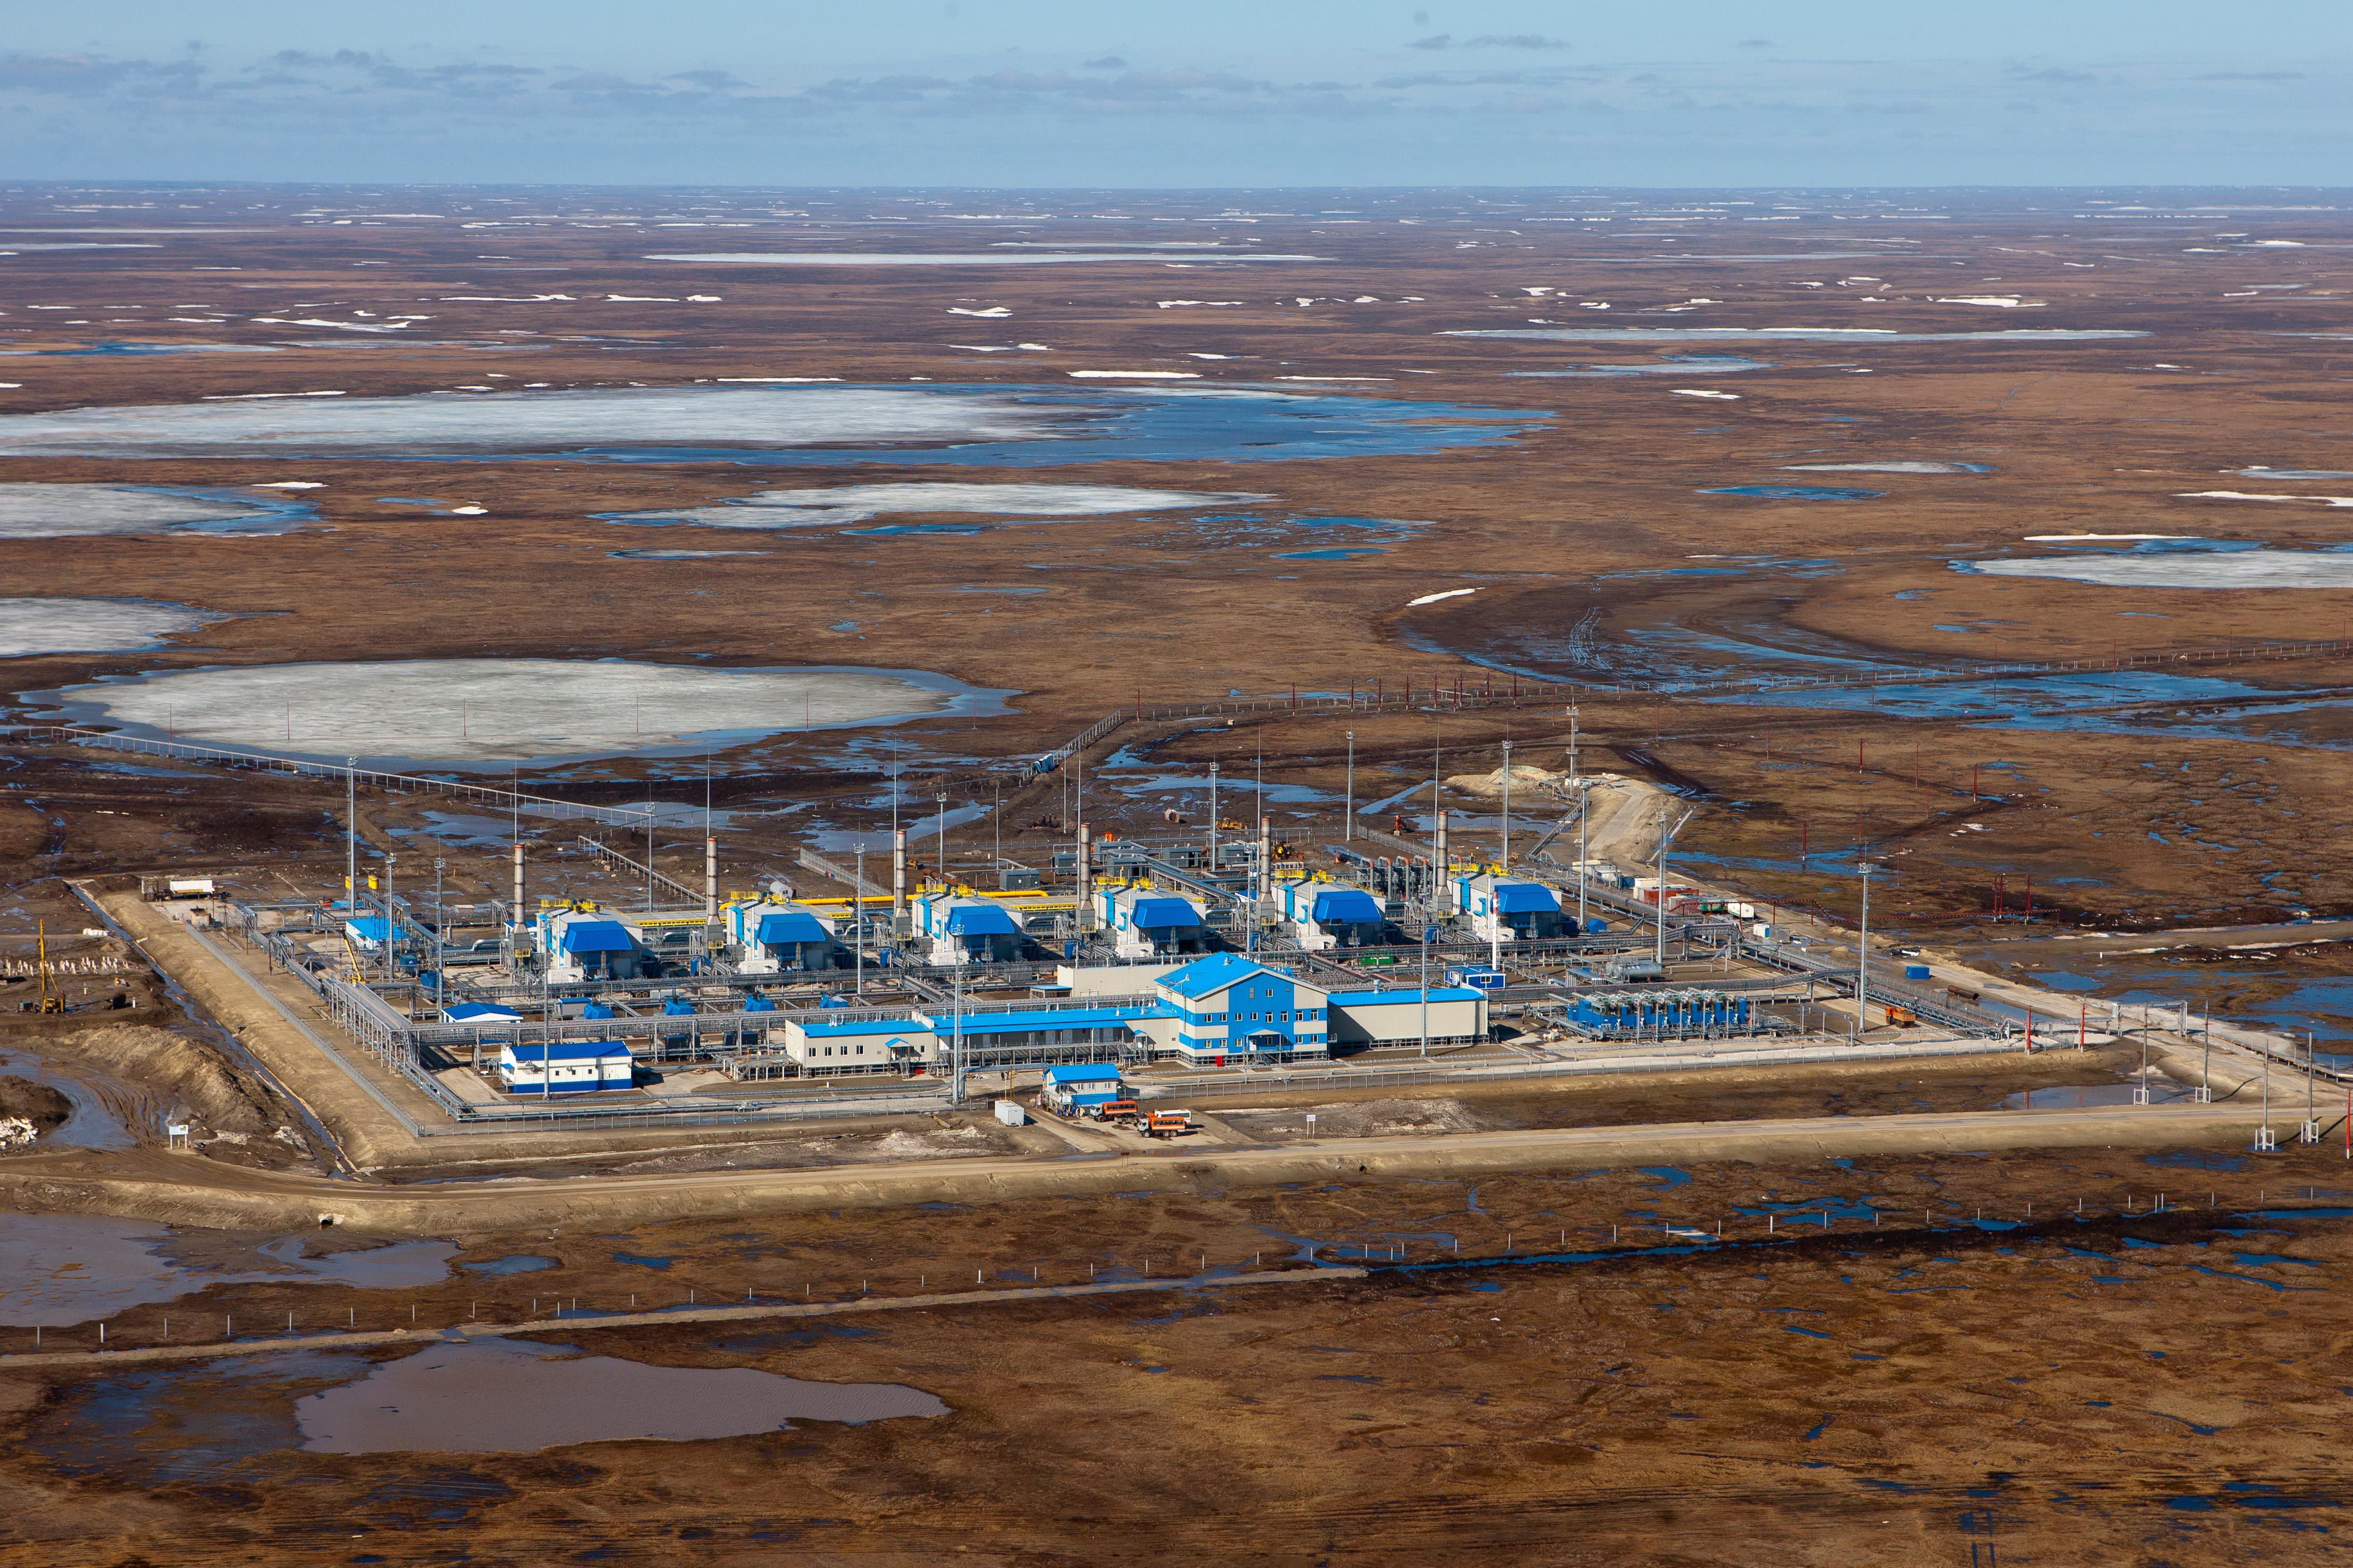 Компресорна станція «Байдарацька» газопроводу Бованенково—Ухта в ямальській тундрі